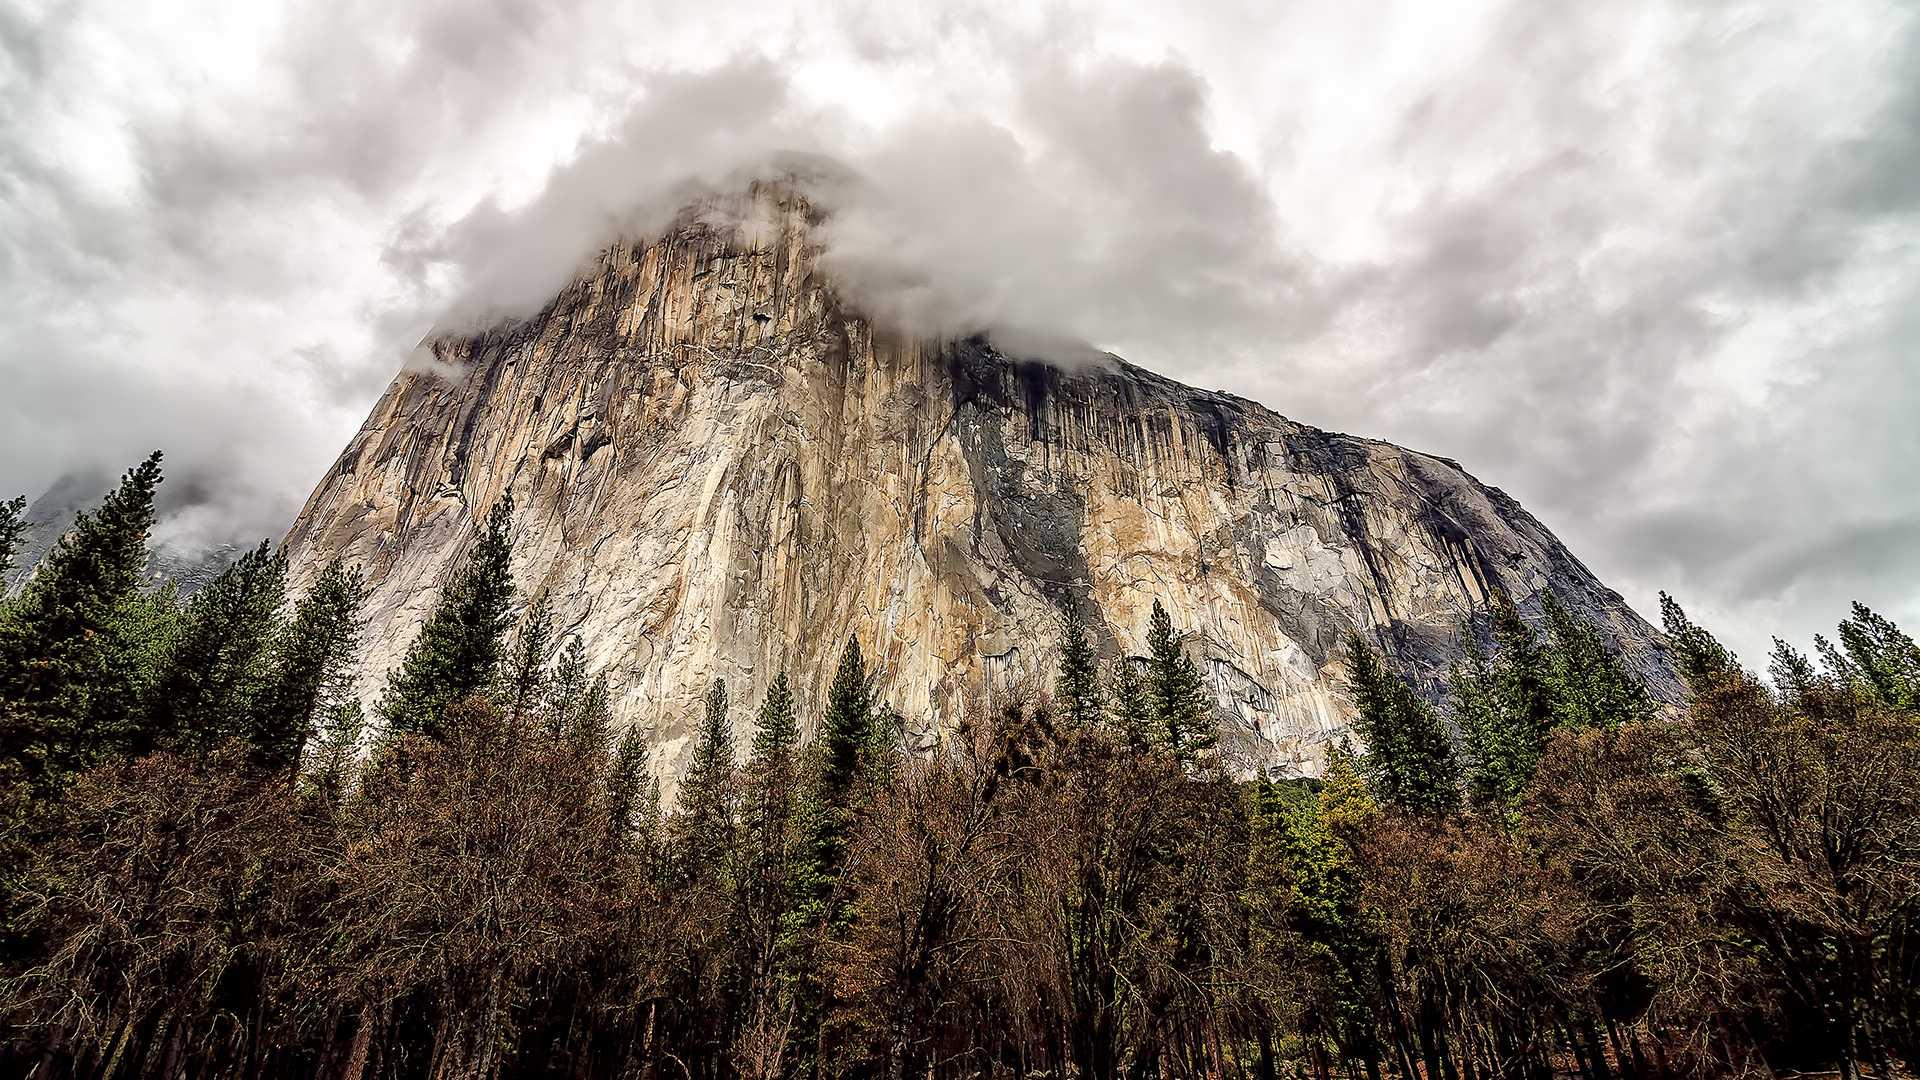 El Capitan. Yosemite Valley, California. Winter 2013.